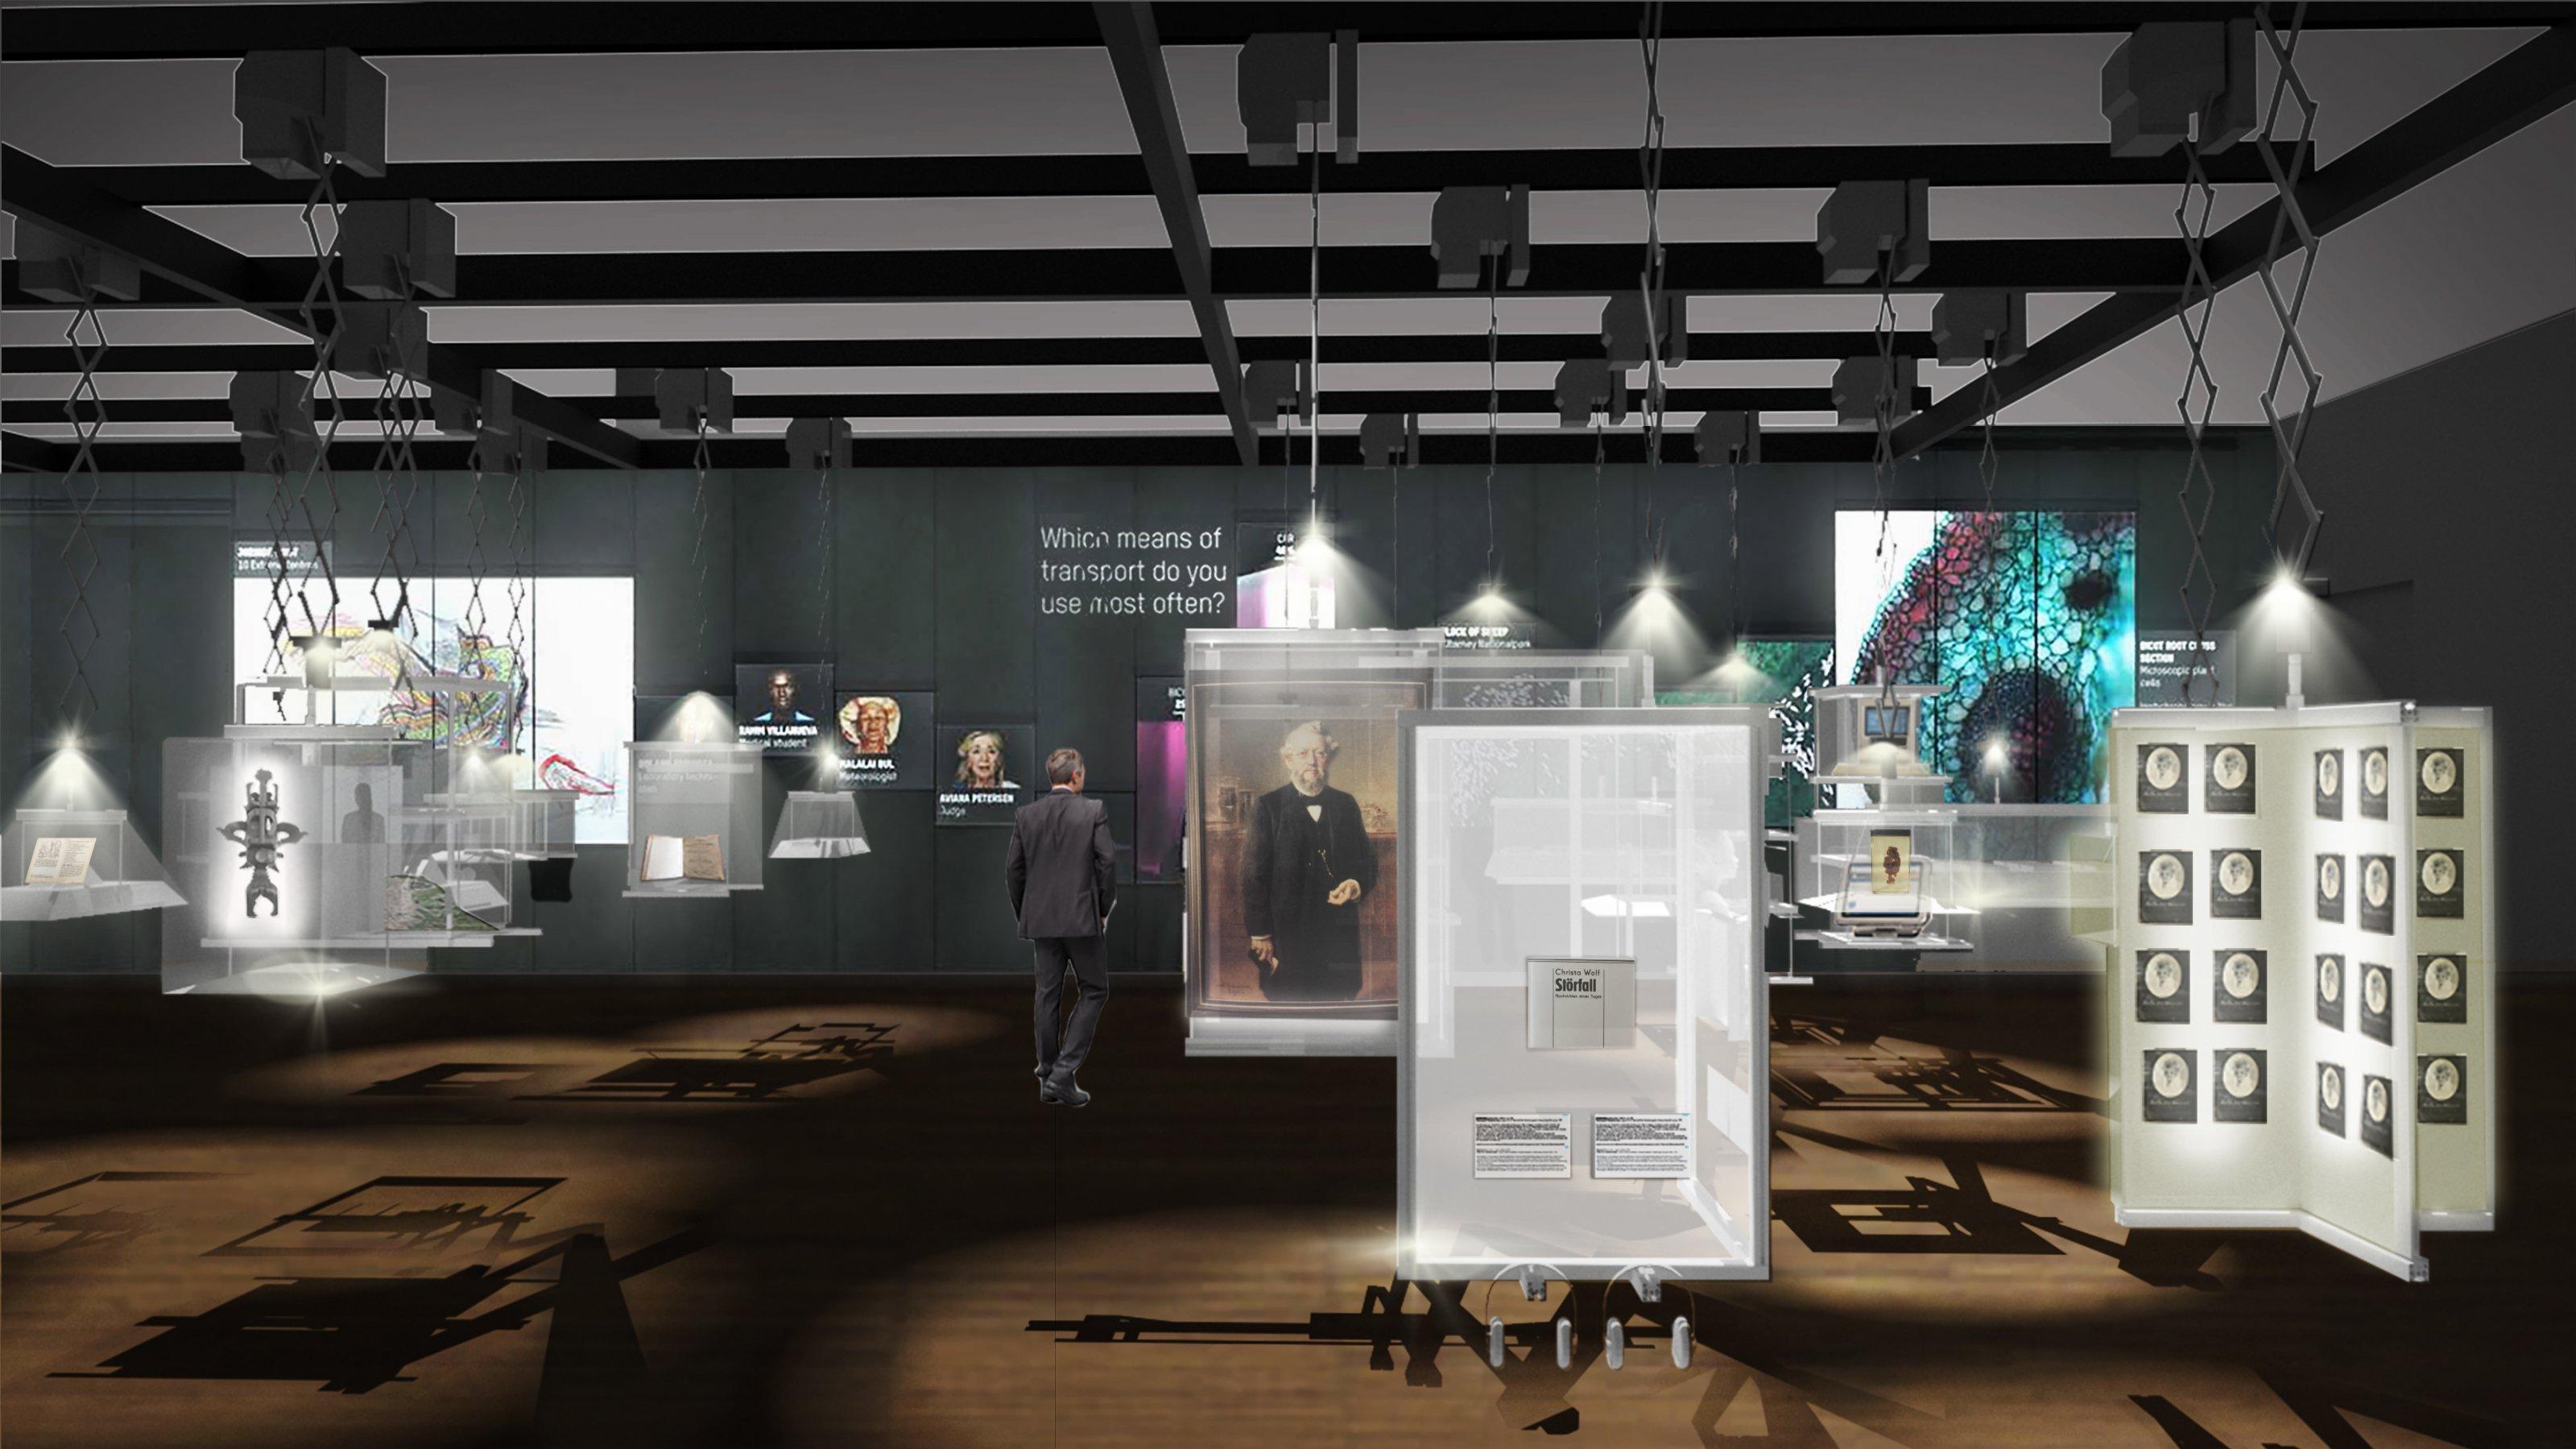 Die Illustration gibt einen Eindruck vom Innenraum der Ausstellung mit seinen weißen Vitrinen. Details sind nicht zu erkennen.